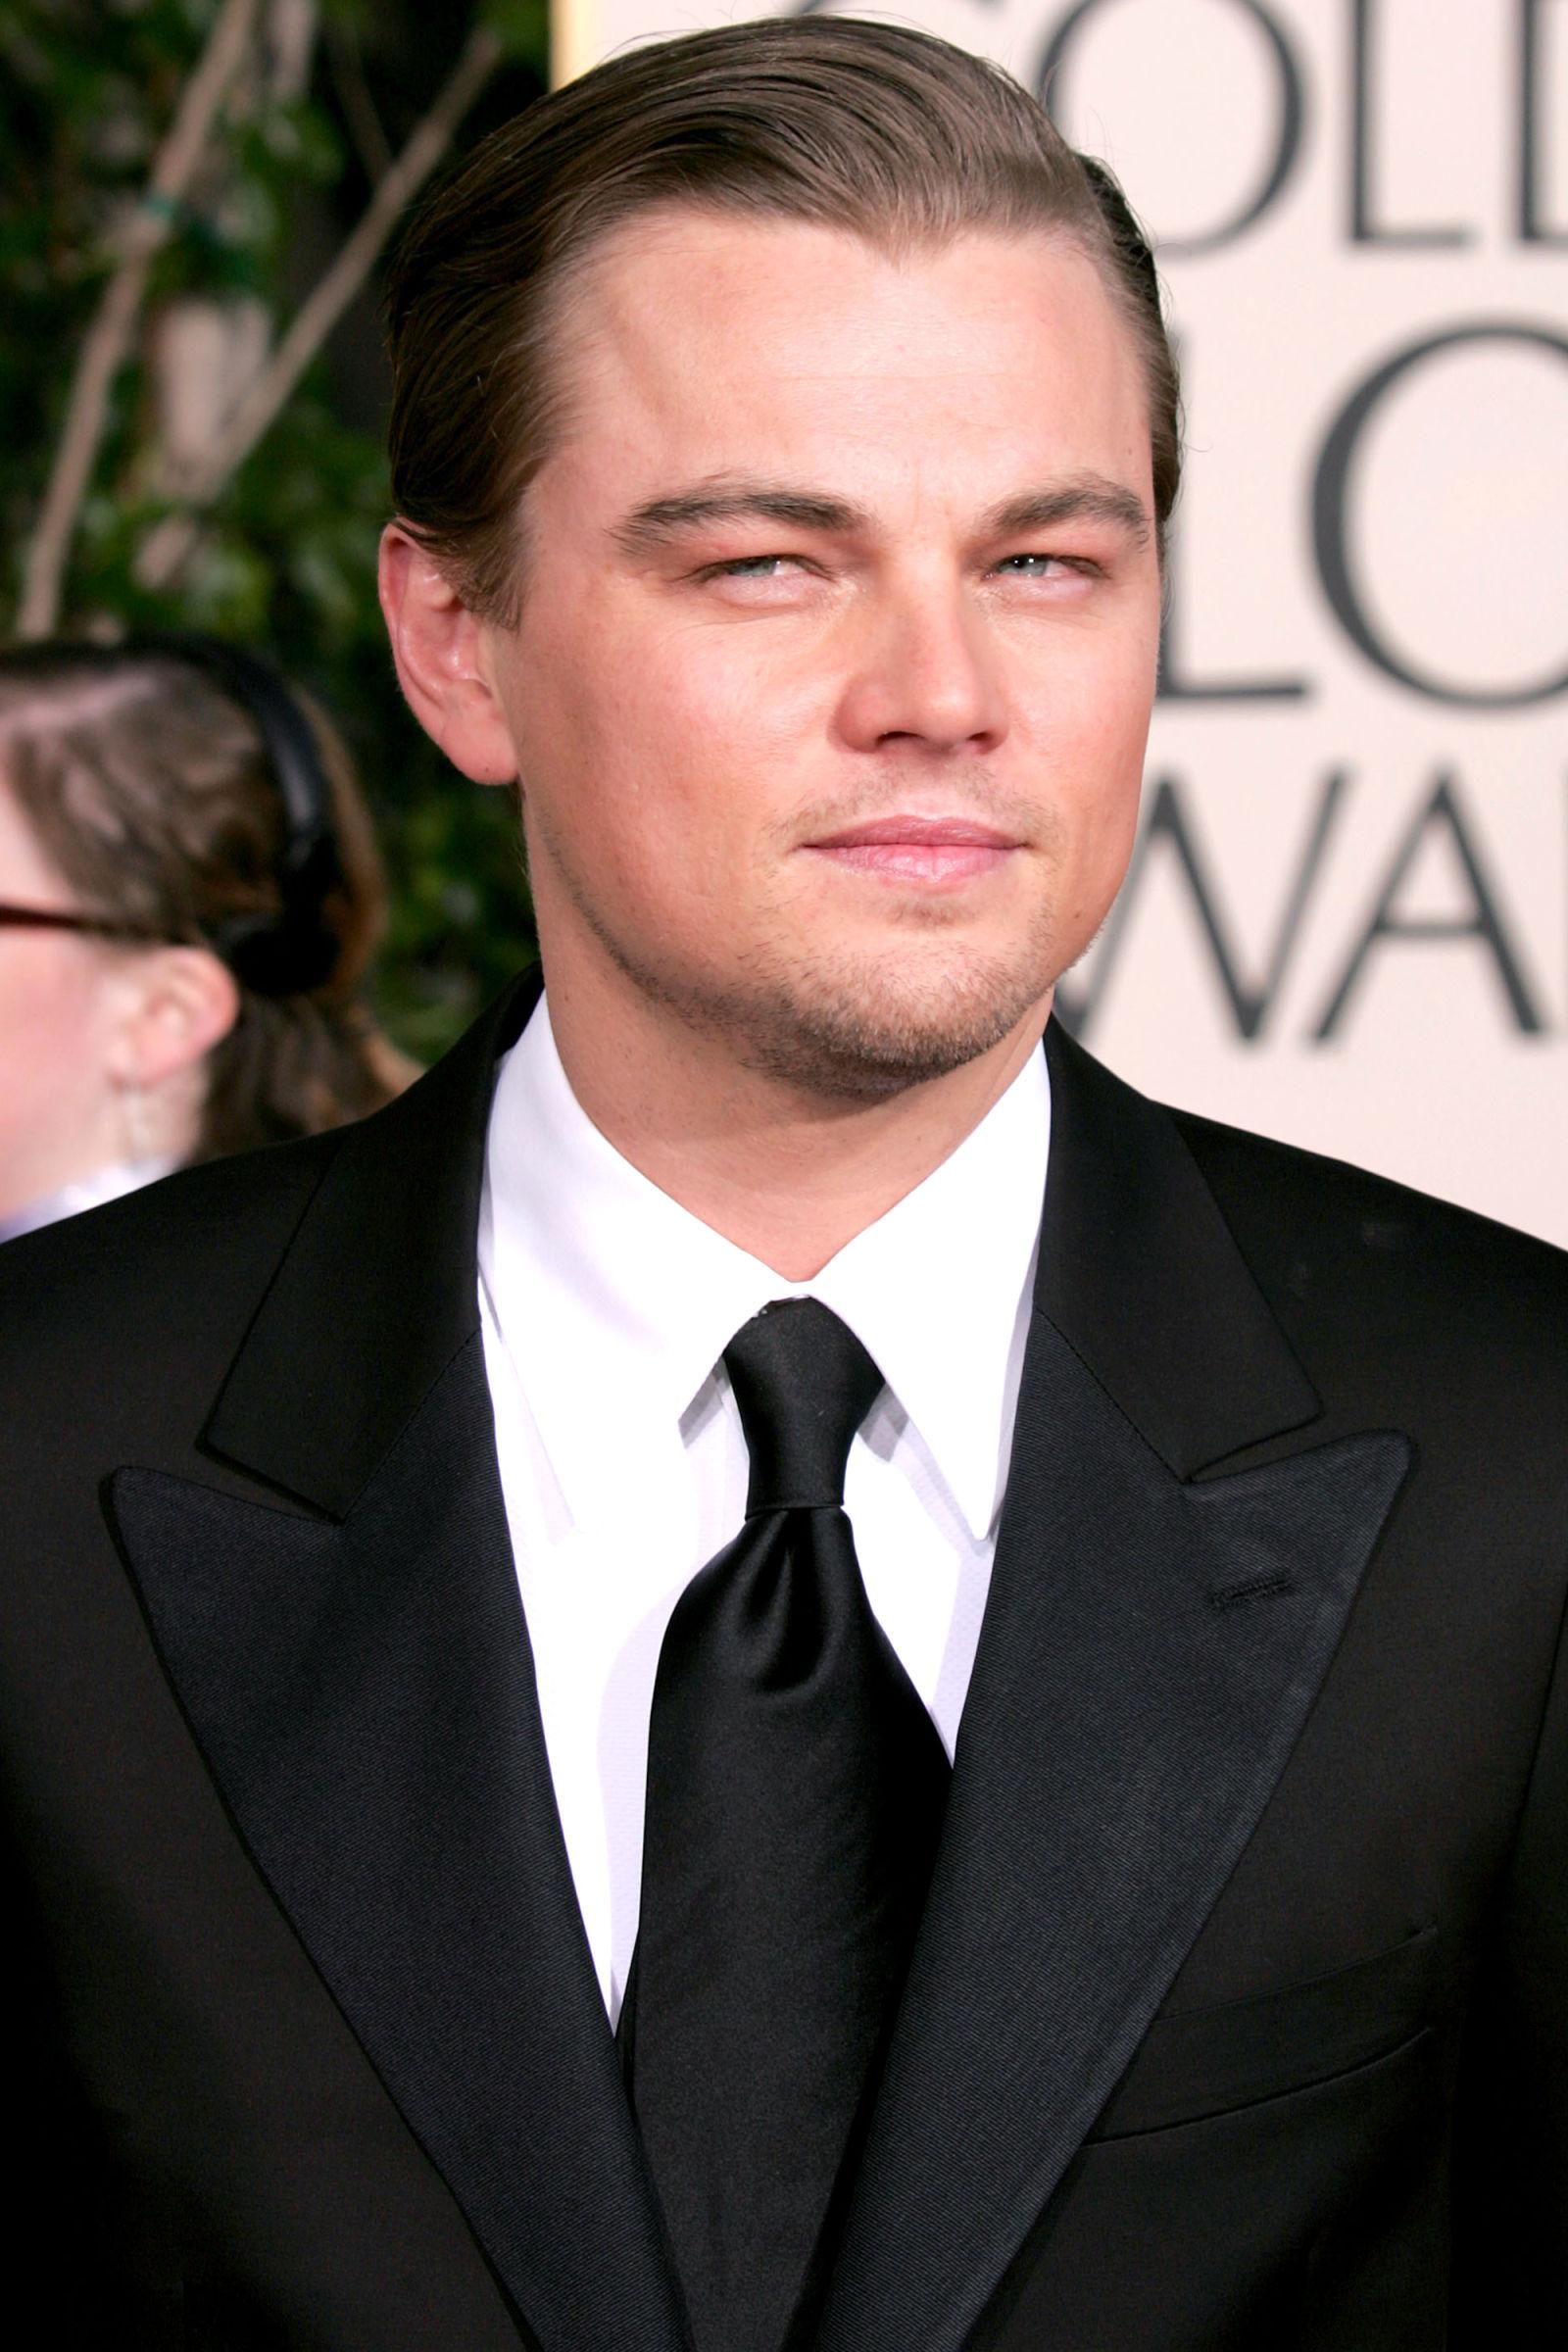 Leonardo diCaprio celebrity hairstyles 2005